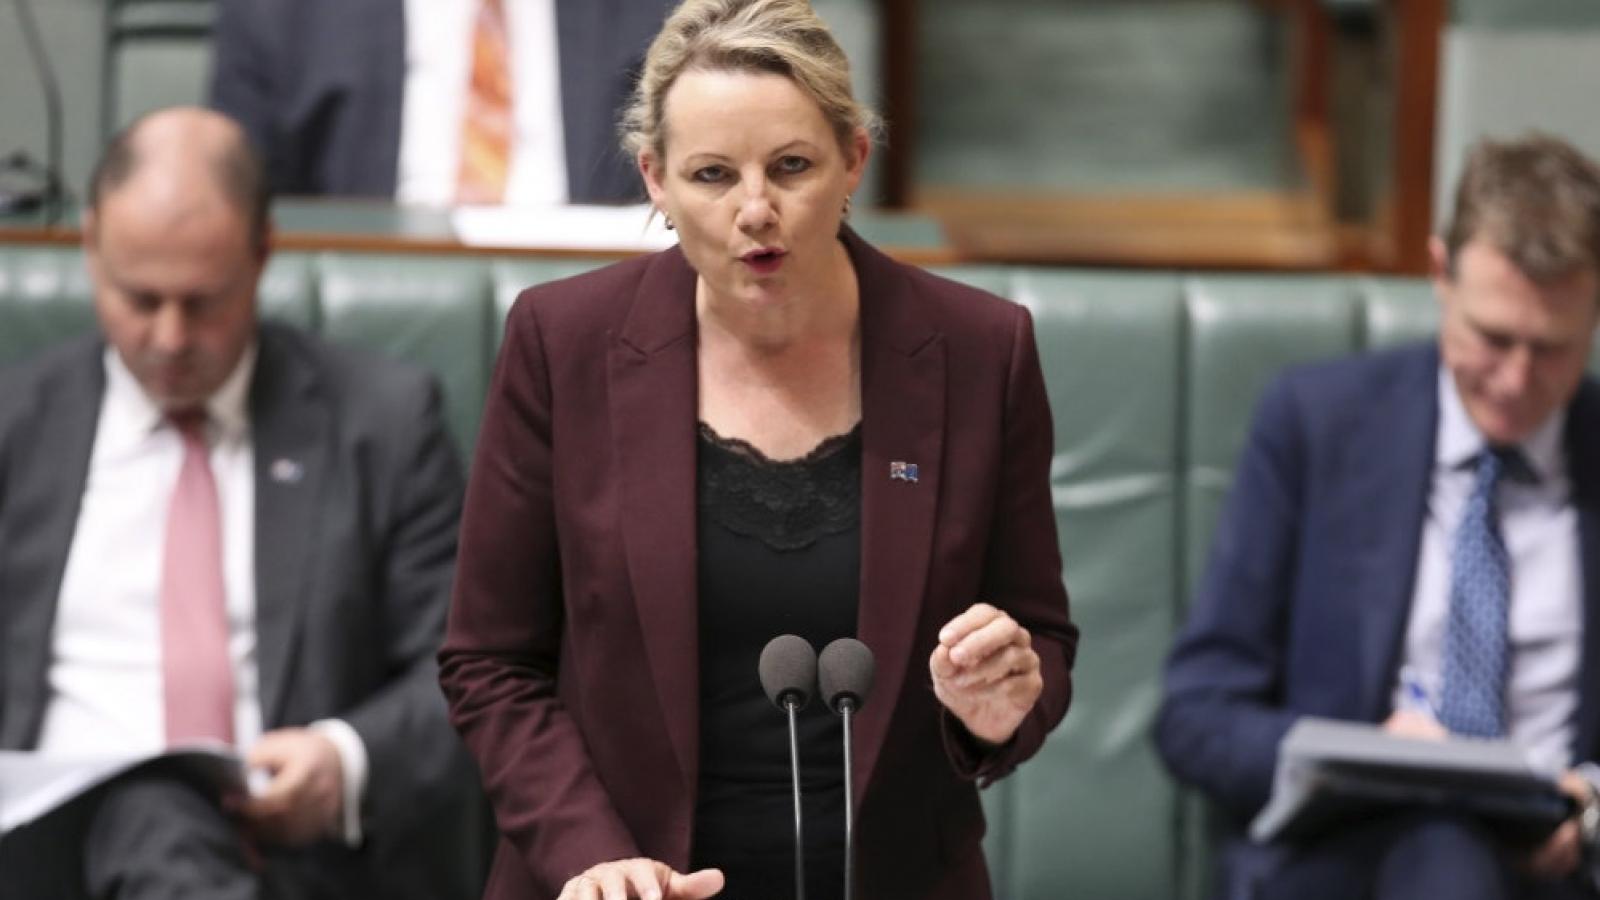 Australia cam kết thúc đẩy hợp tác quốc tếthích ứng với biến đổi khí hậu